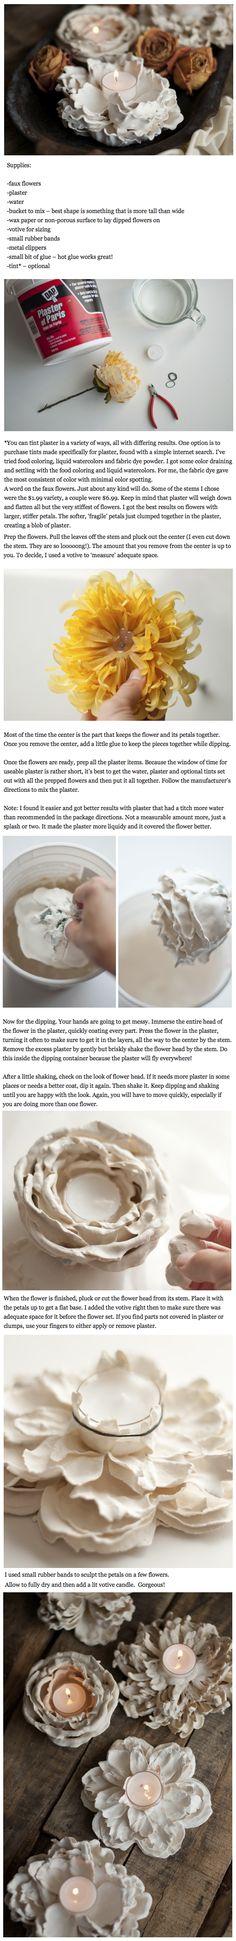 Plaster flower votives